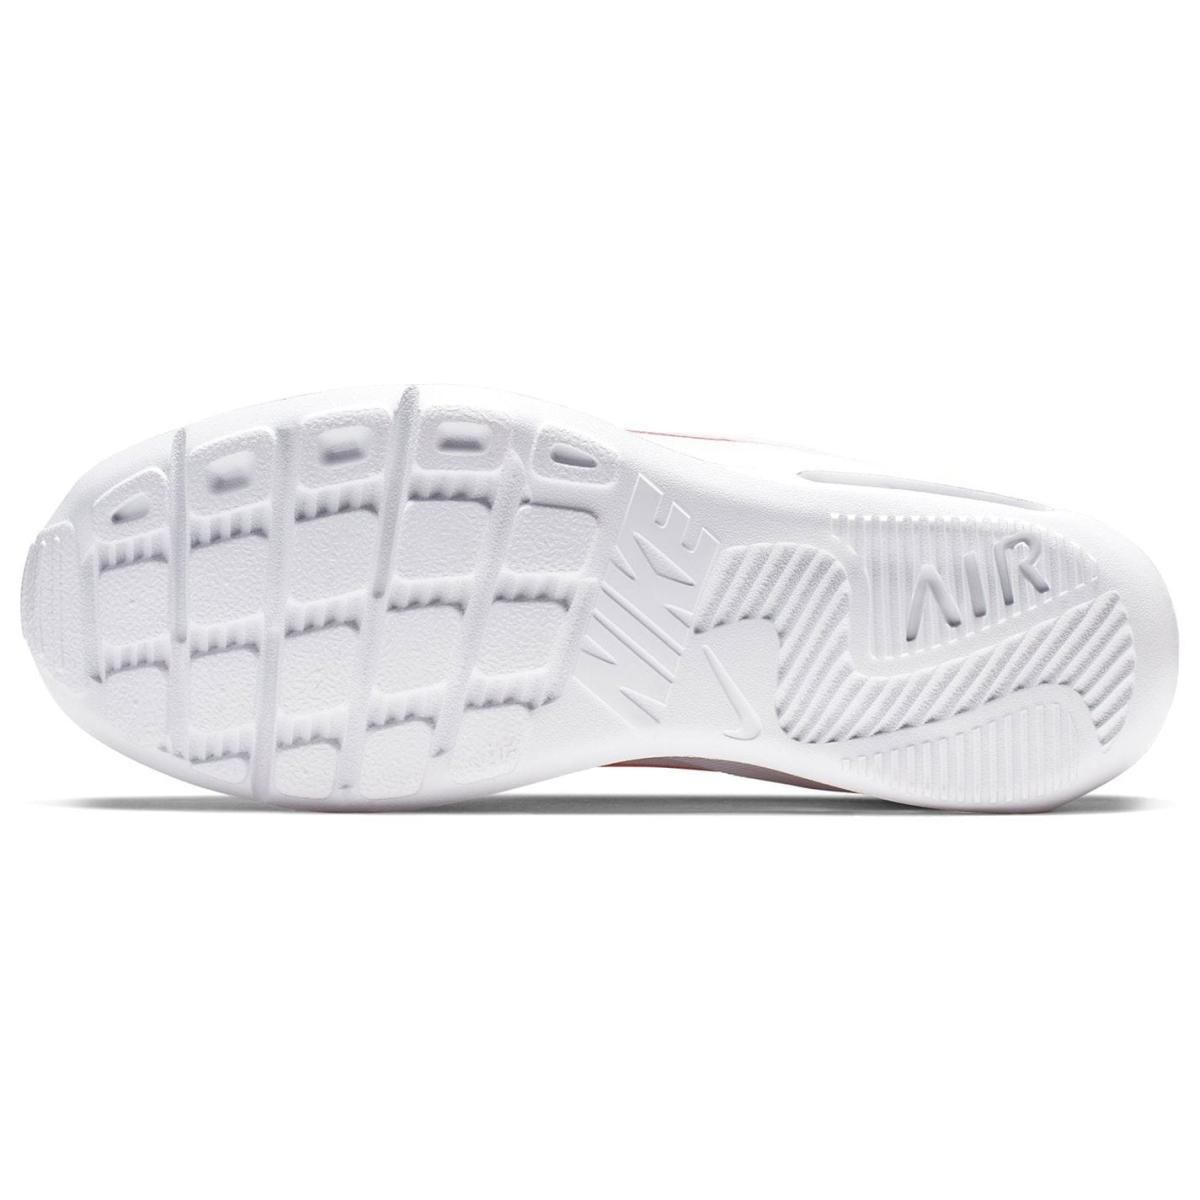 Nike-Air-Max-Oketo-Turnschuhe-Laufschuhe-Damen-Sportschuhe-Sneaker-4034 Indexbild 17